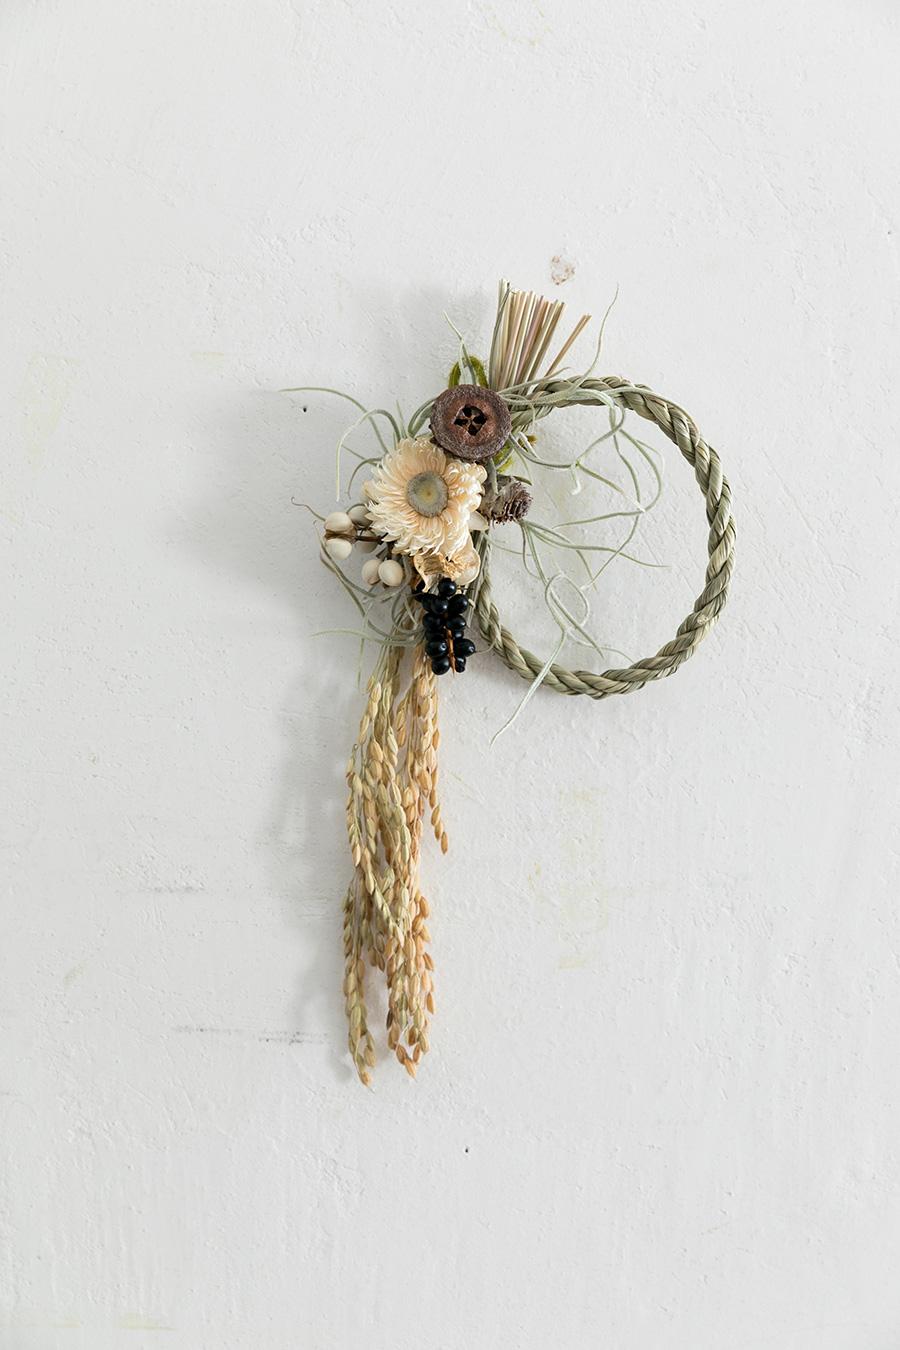 しめ縄と稲穂のお正月らしいリースに、ユーカリの実などの実ものや、ティランジアをあしらって。グルーガンを使って留めていく。